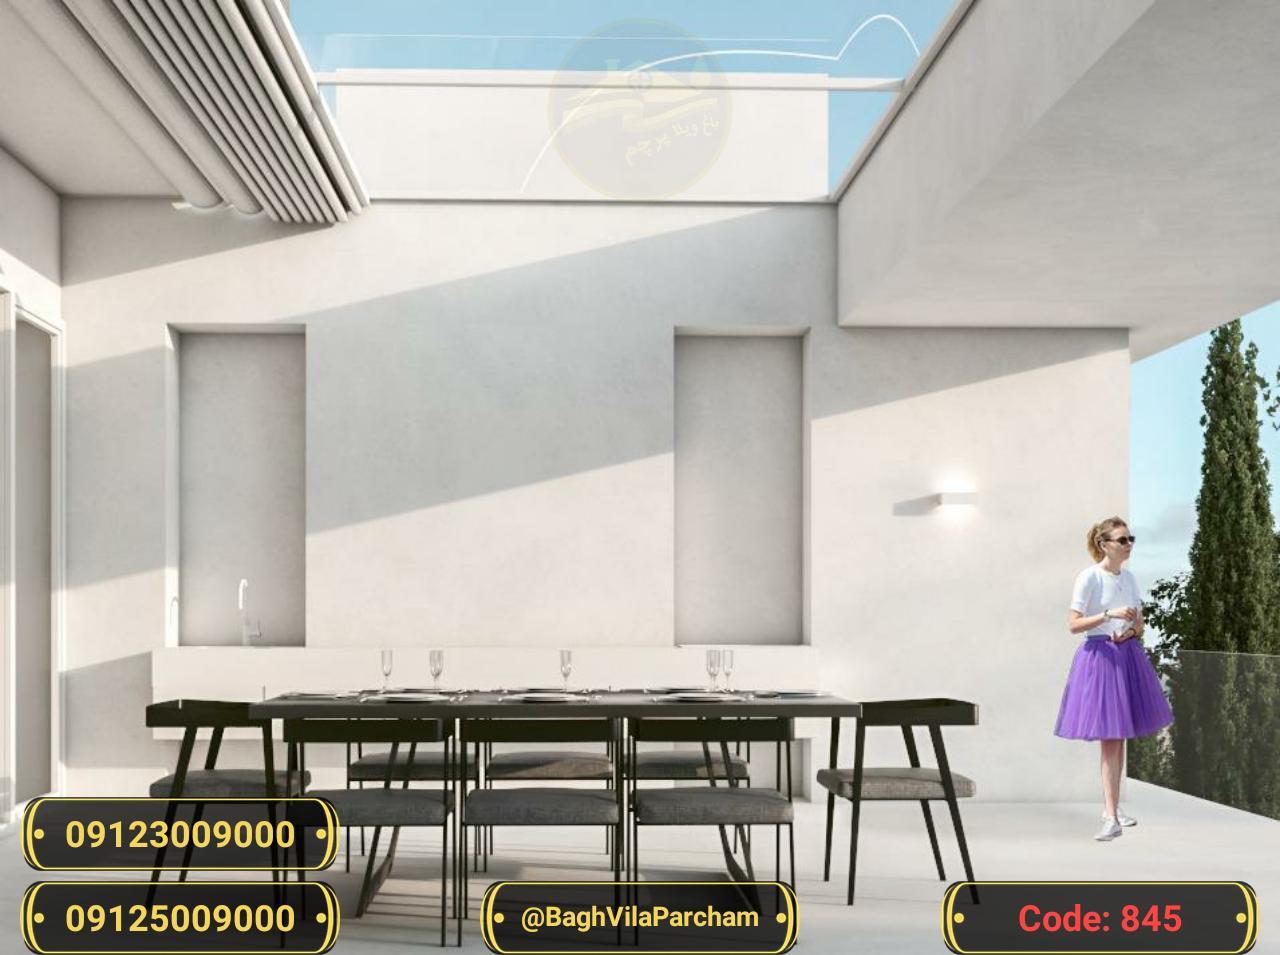 تصویر عکس باغ ویلا شماره 4 از ویلای ۸۳۳ متر ویلا تریبلکس فوق العاده Picture photo image 4 of ۸۳۳ متر ویلا تریبلکس فوق العاده